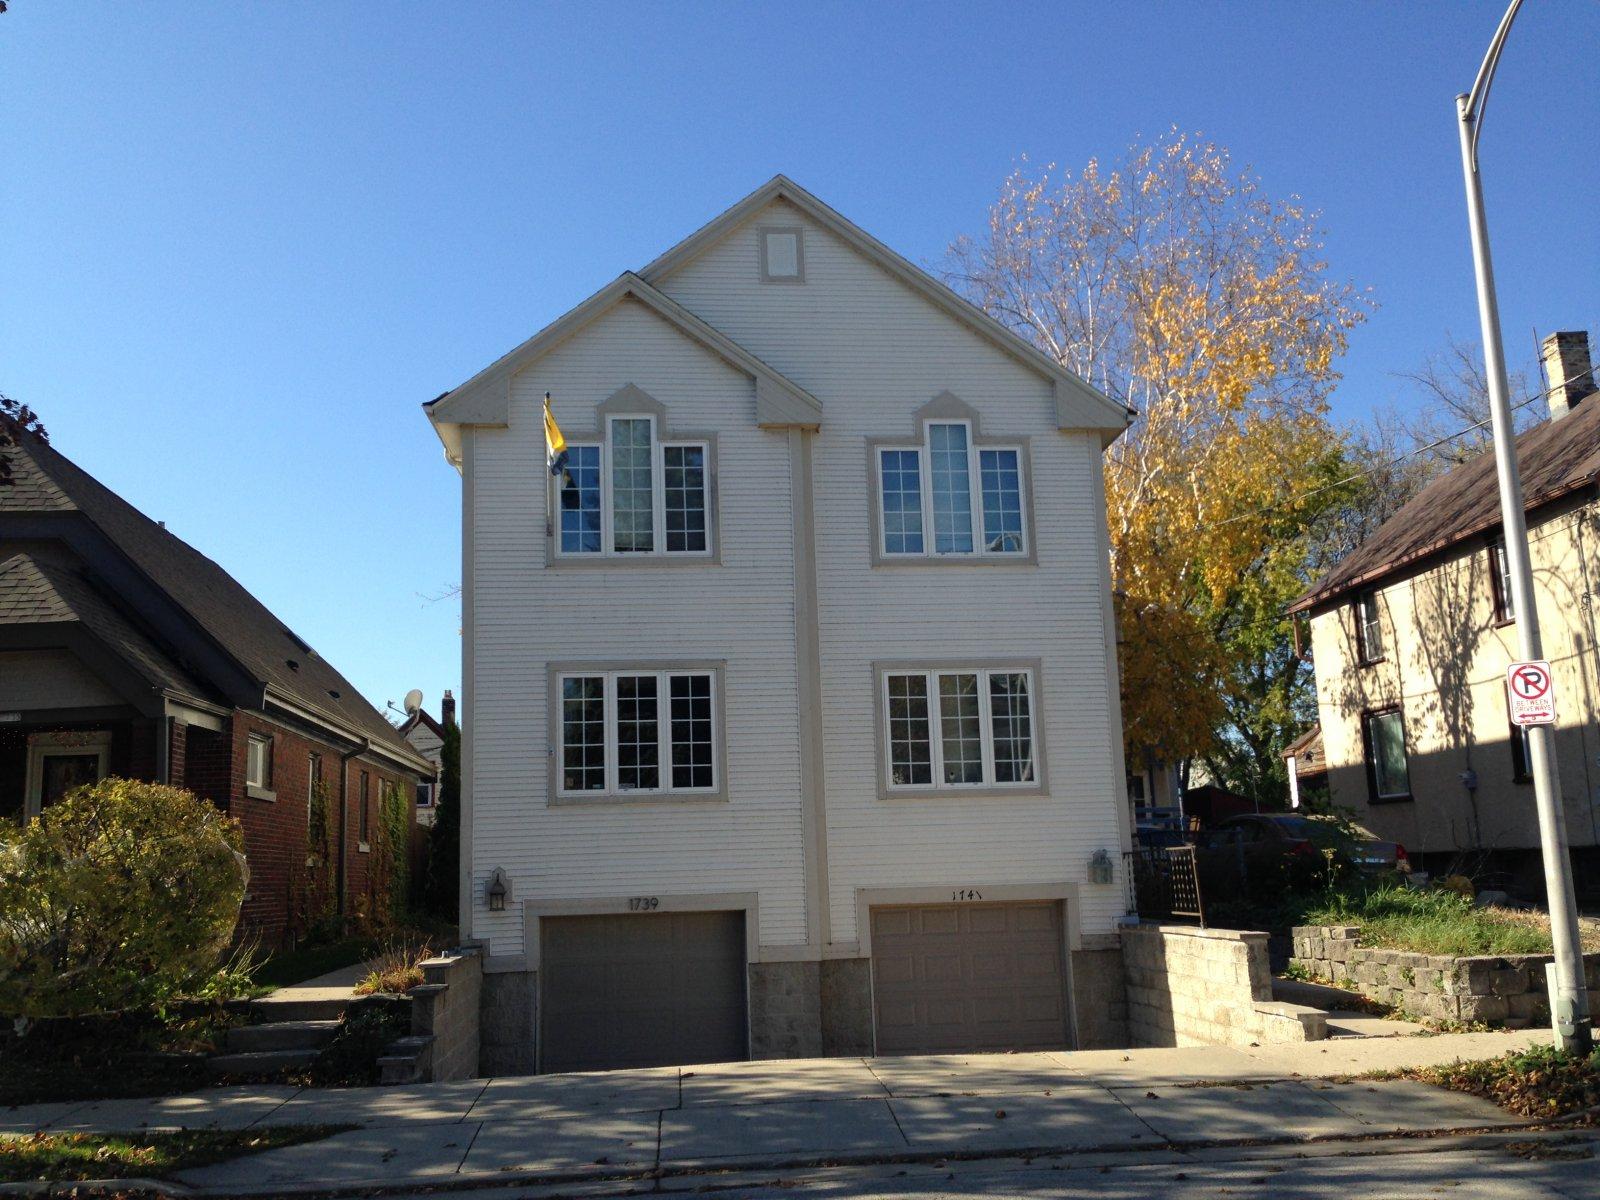 1739 N. Warren Ave., 1741 N. Warren Ave.